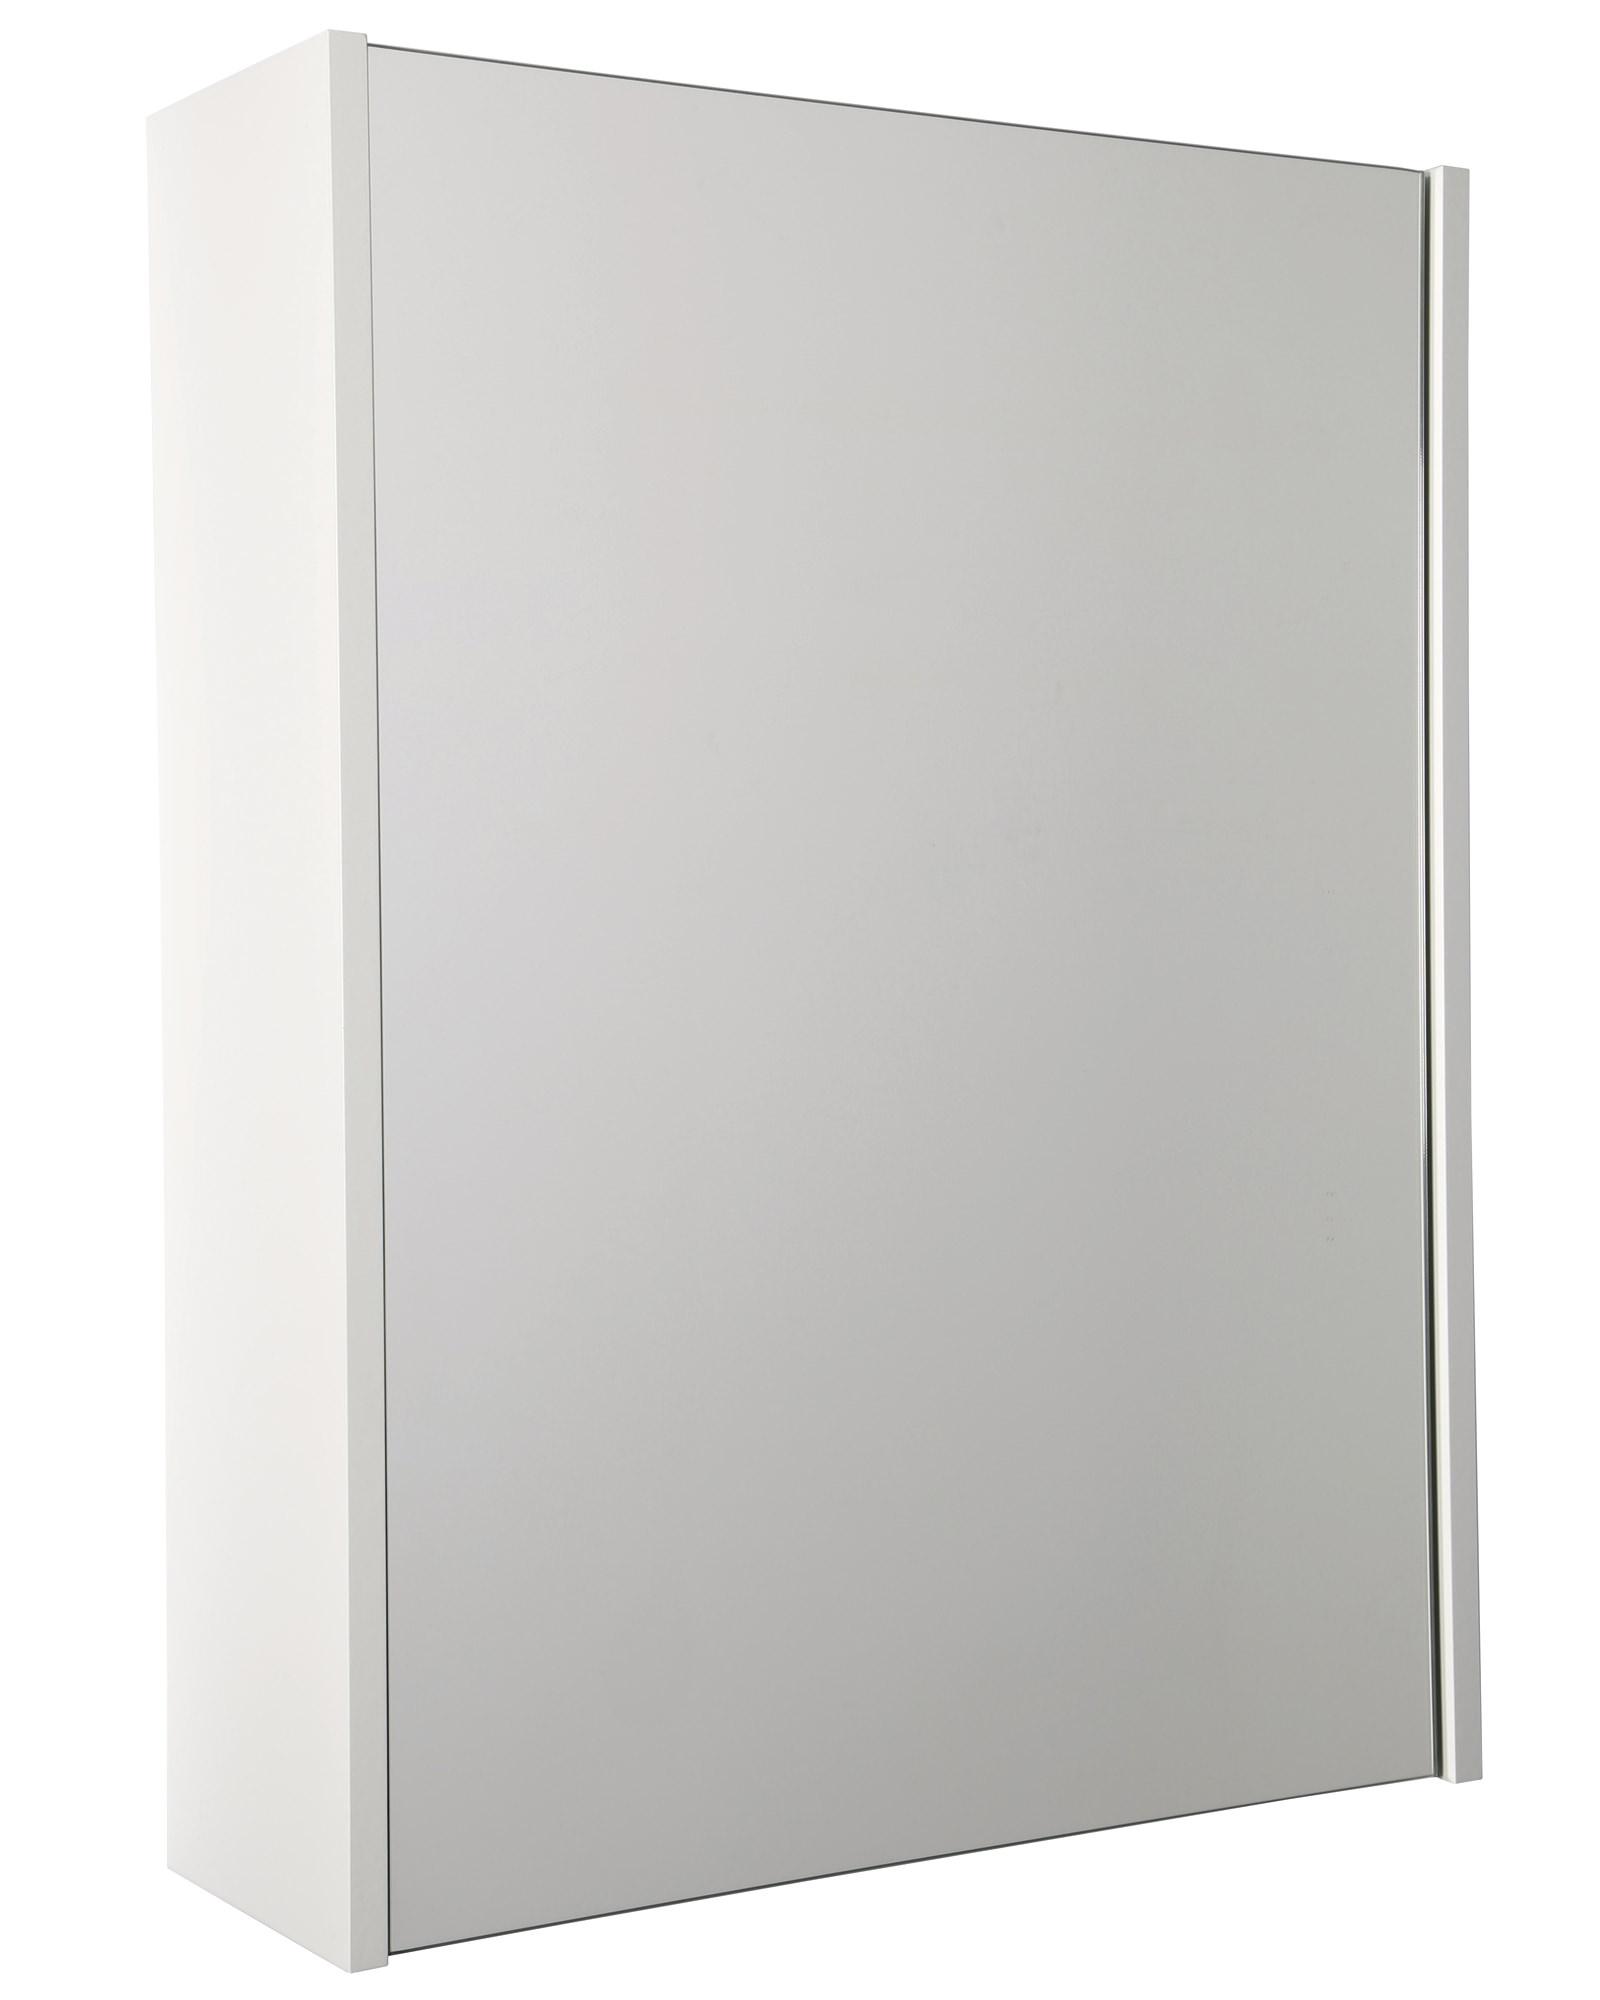 croydex aldford single mirror door cabinet wc710122